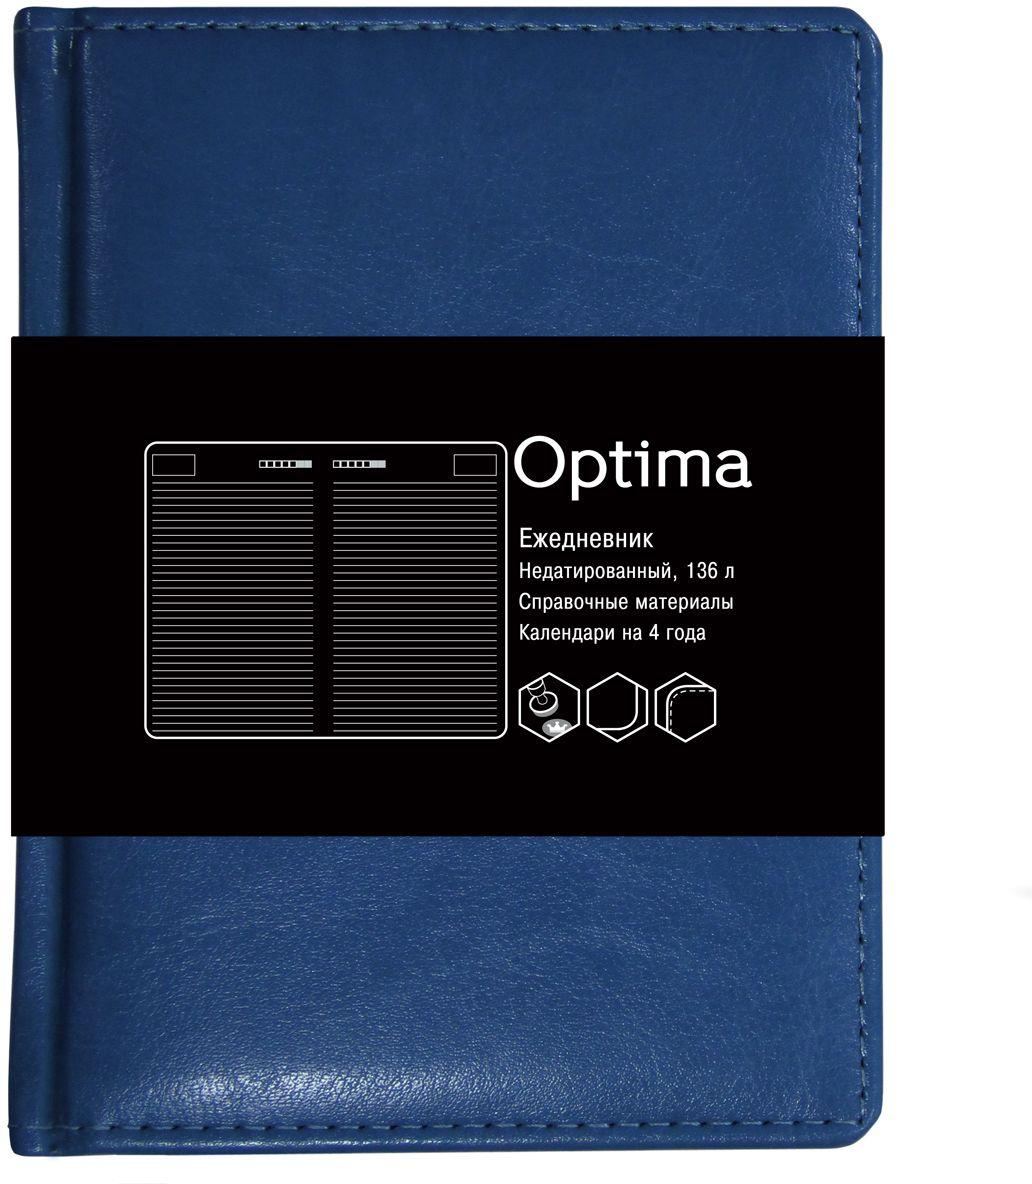 Канц-Эксмо Ежедневник Optima недатированный 136 листов цвет синий формат A6ЕКО61813603Ежедневник А6. Недатированный 136л. (OPTIMA). Искусственная кожа.